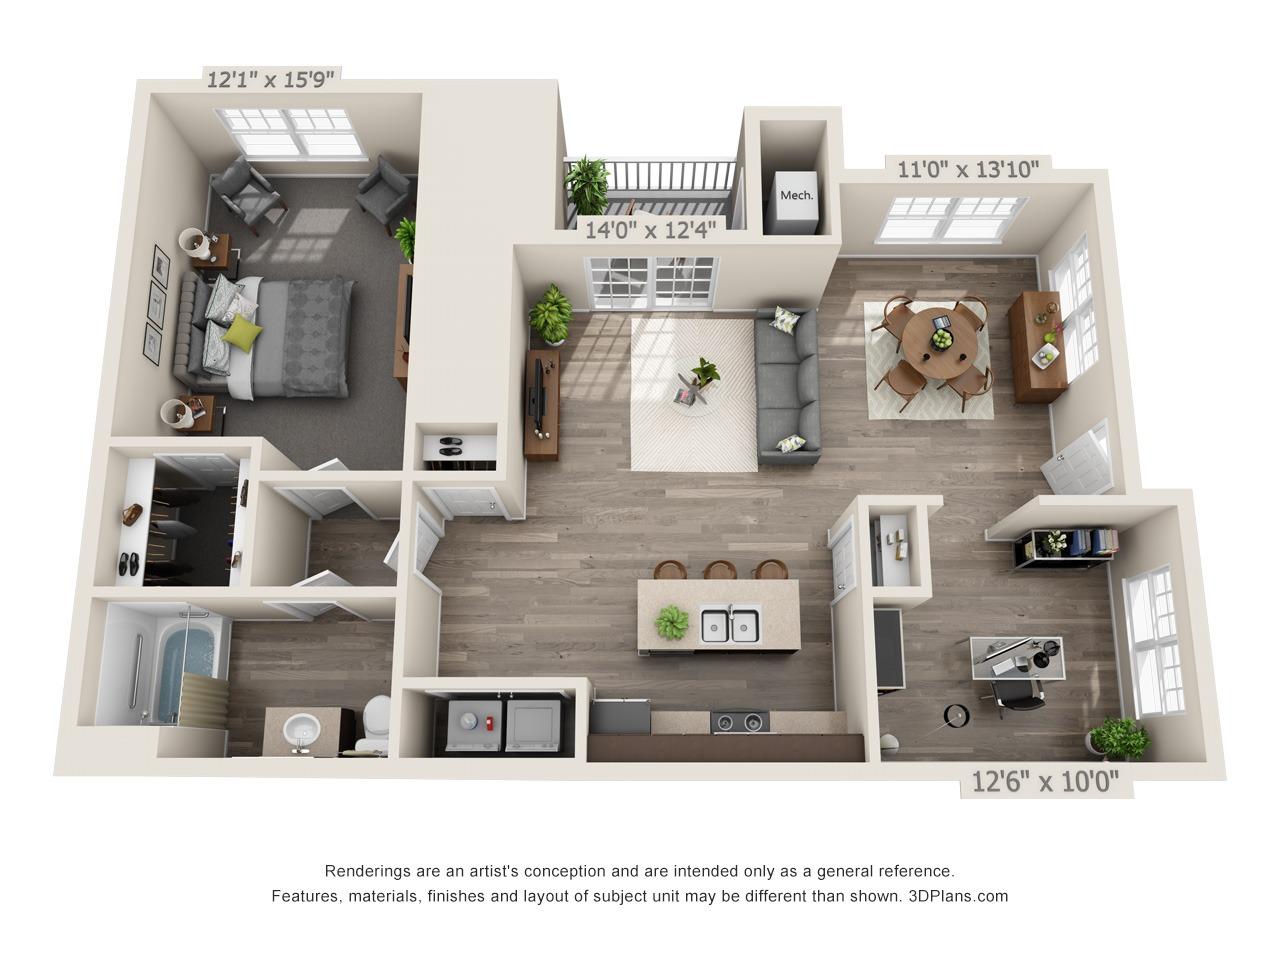 B1 - 1 Bed / 1 Bath and Den - 1st Floor - 1,002 SF